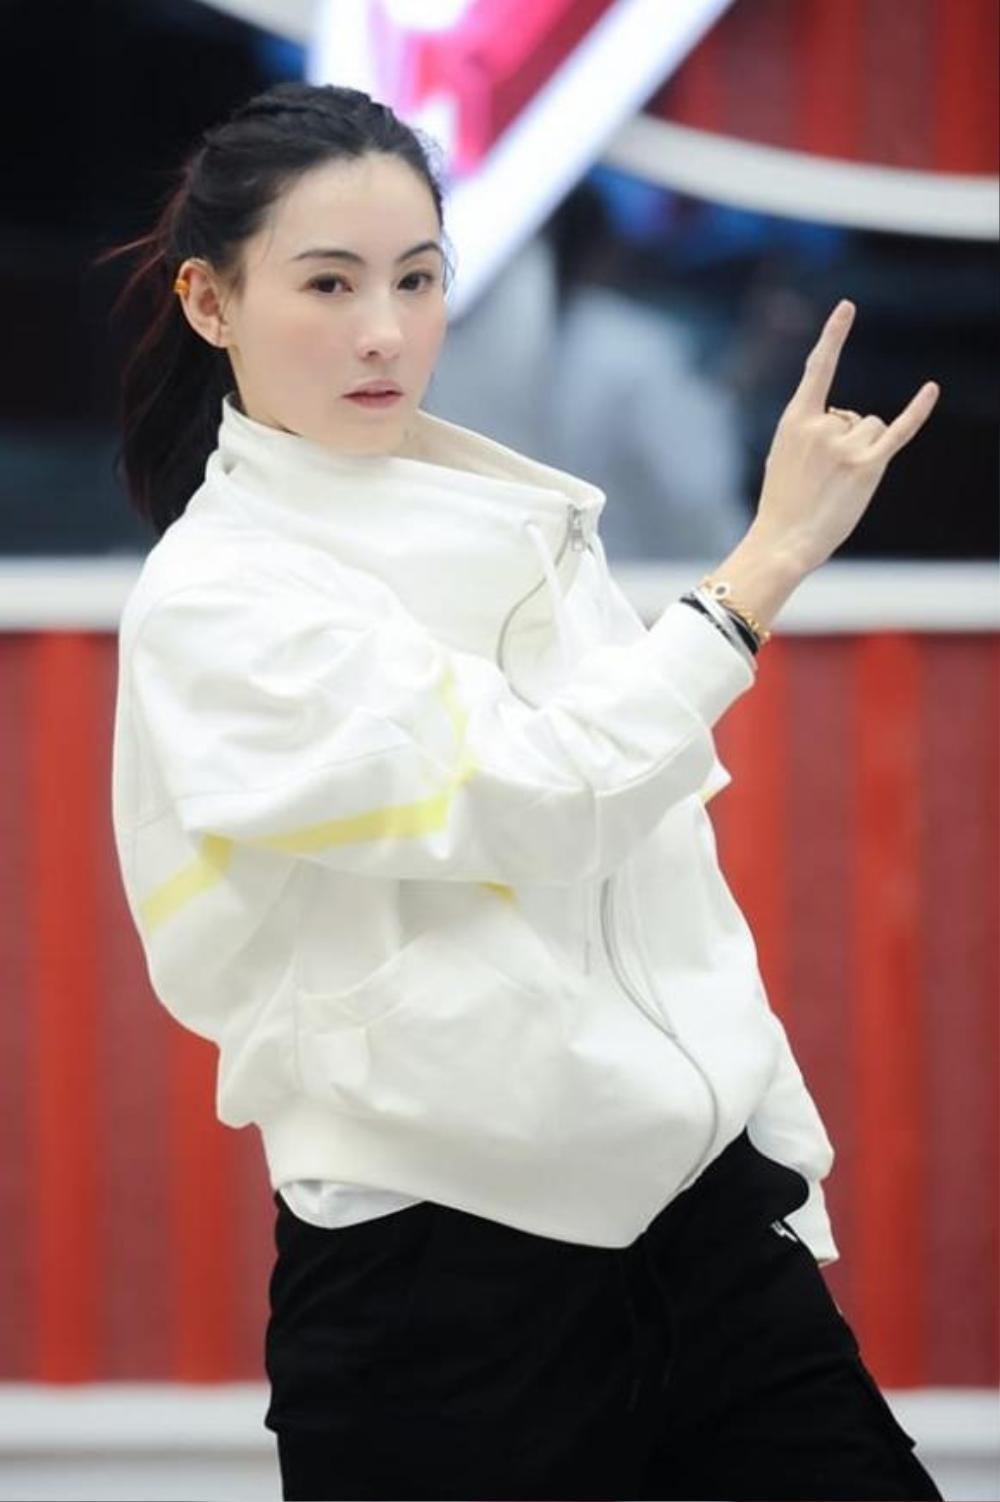 Nhan sắc và phong cách trẻ trung của Trương Bá Chi khiến dân tình 'phát hờn' Ảnh 1